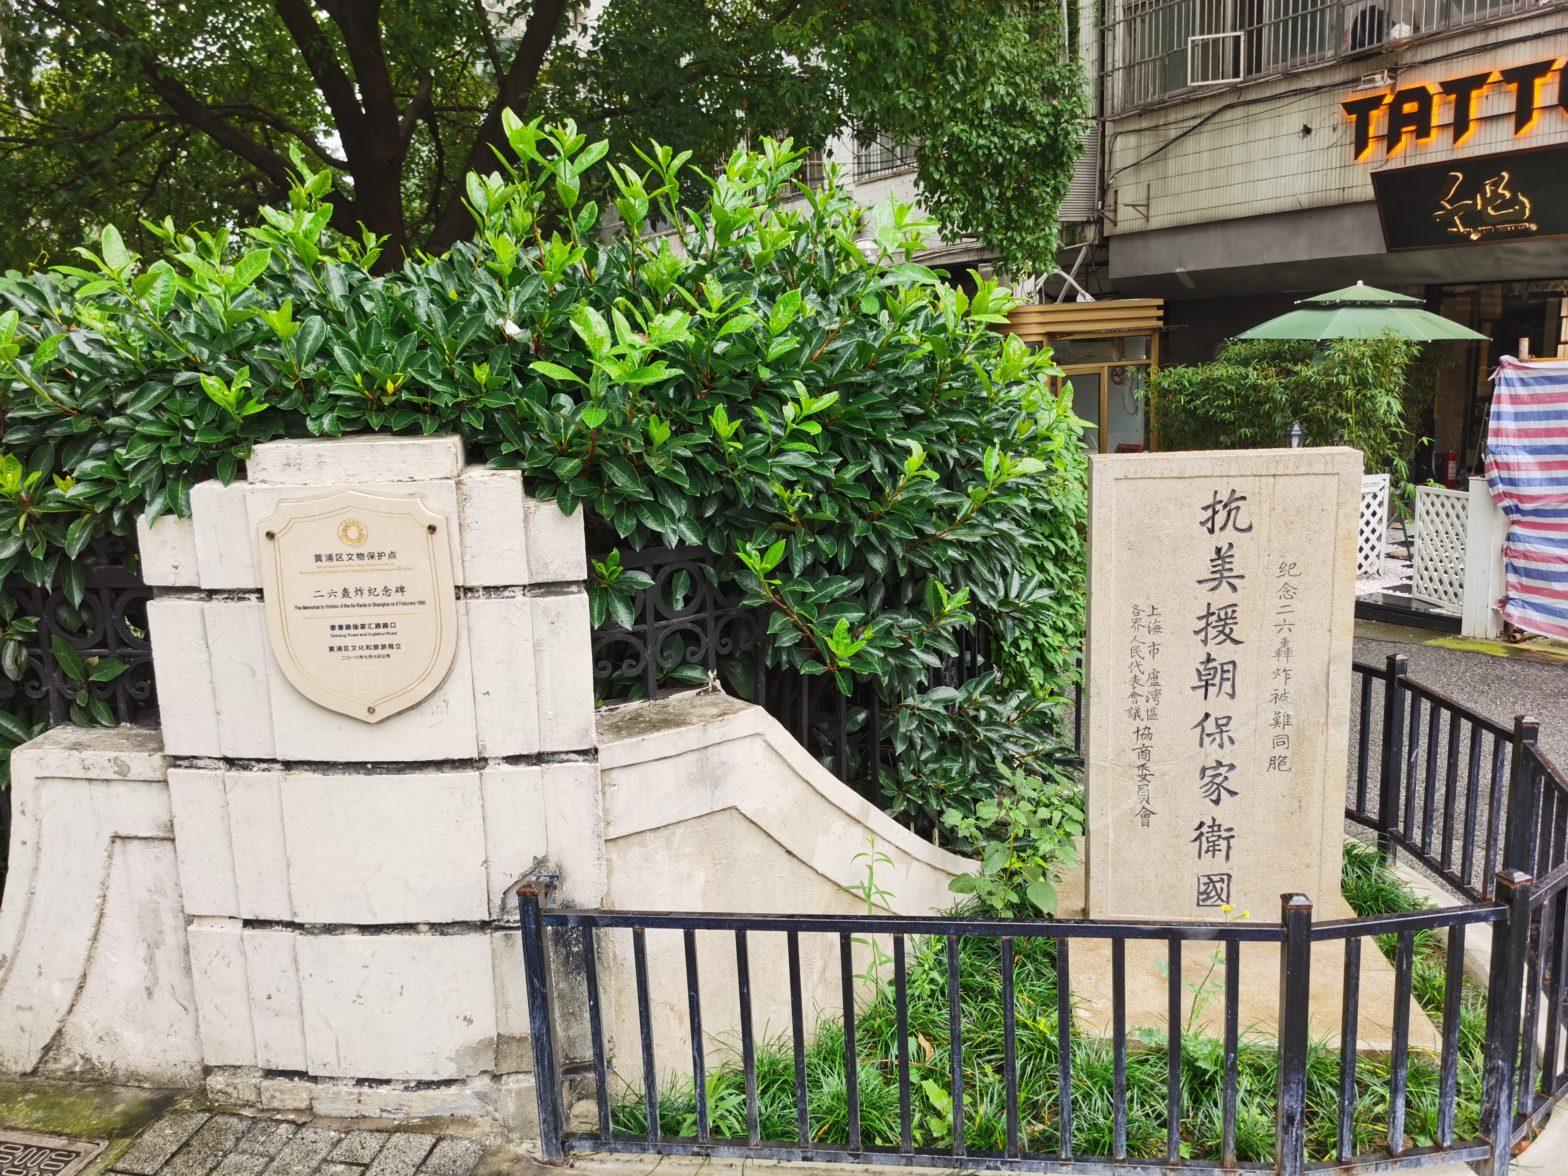 """纪念""""二·六""""轰炸被难同胞纪念碑正面,碑文为:""""纪念二六轰炸被难同胞:抗美援朝,保家卫国。上海市卢湾区各界人民代表会议协商委员会。"""""""